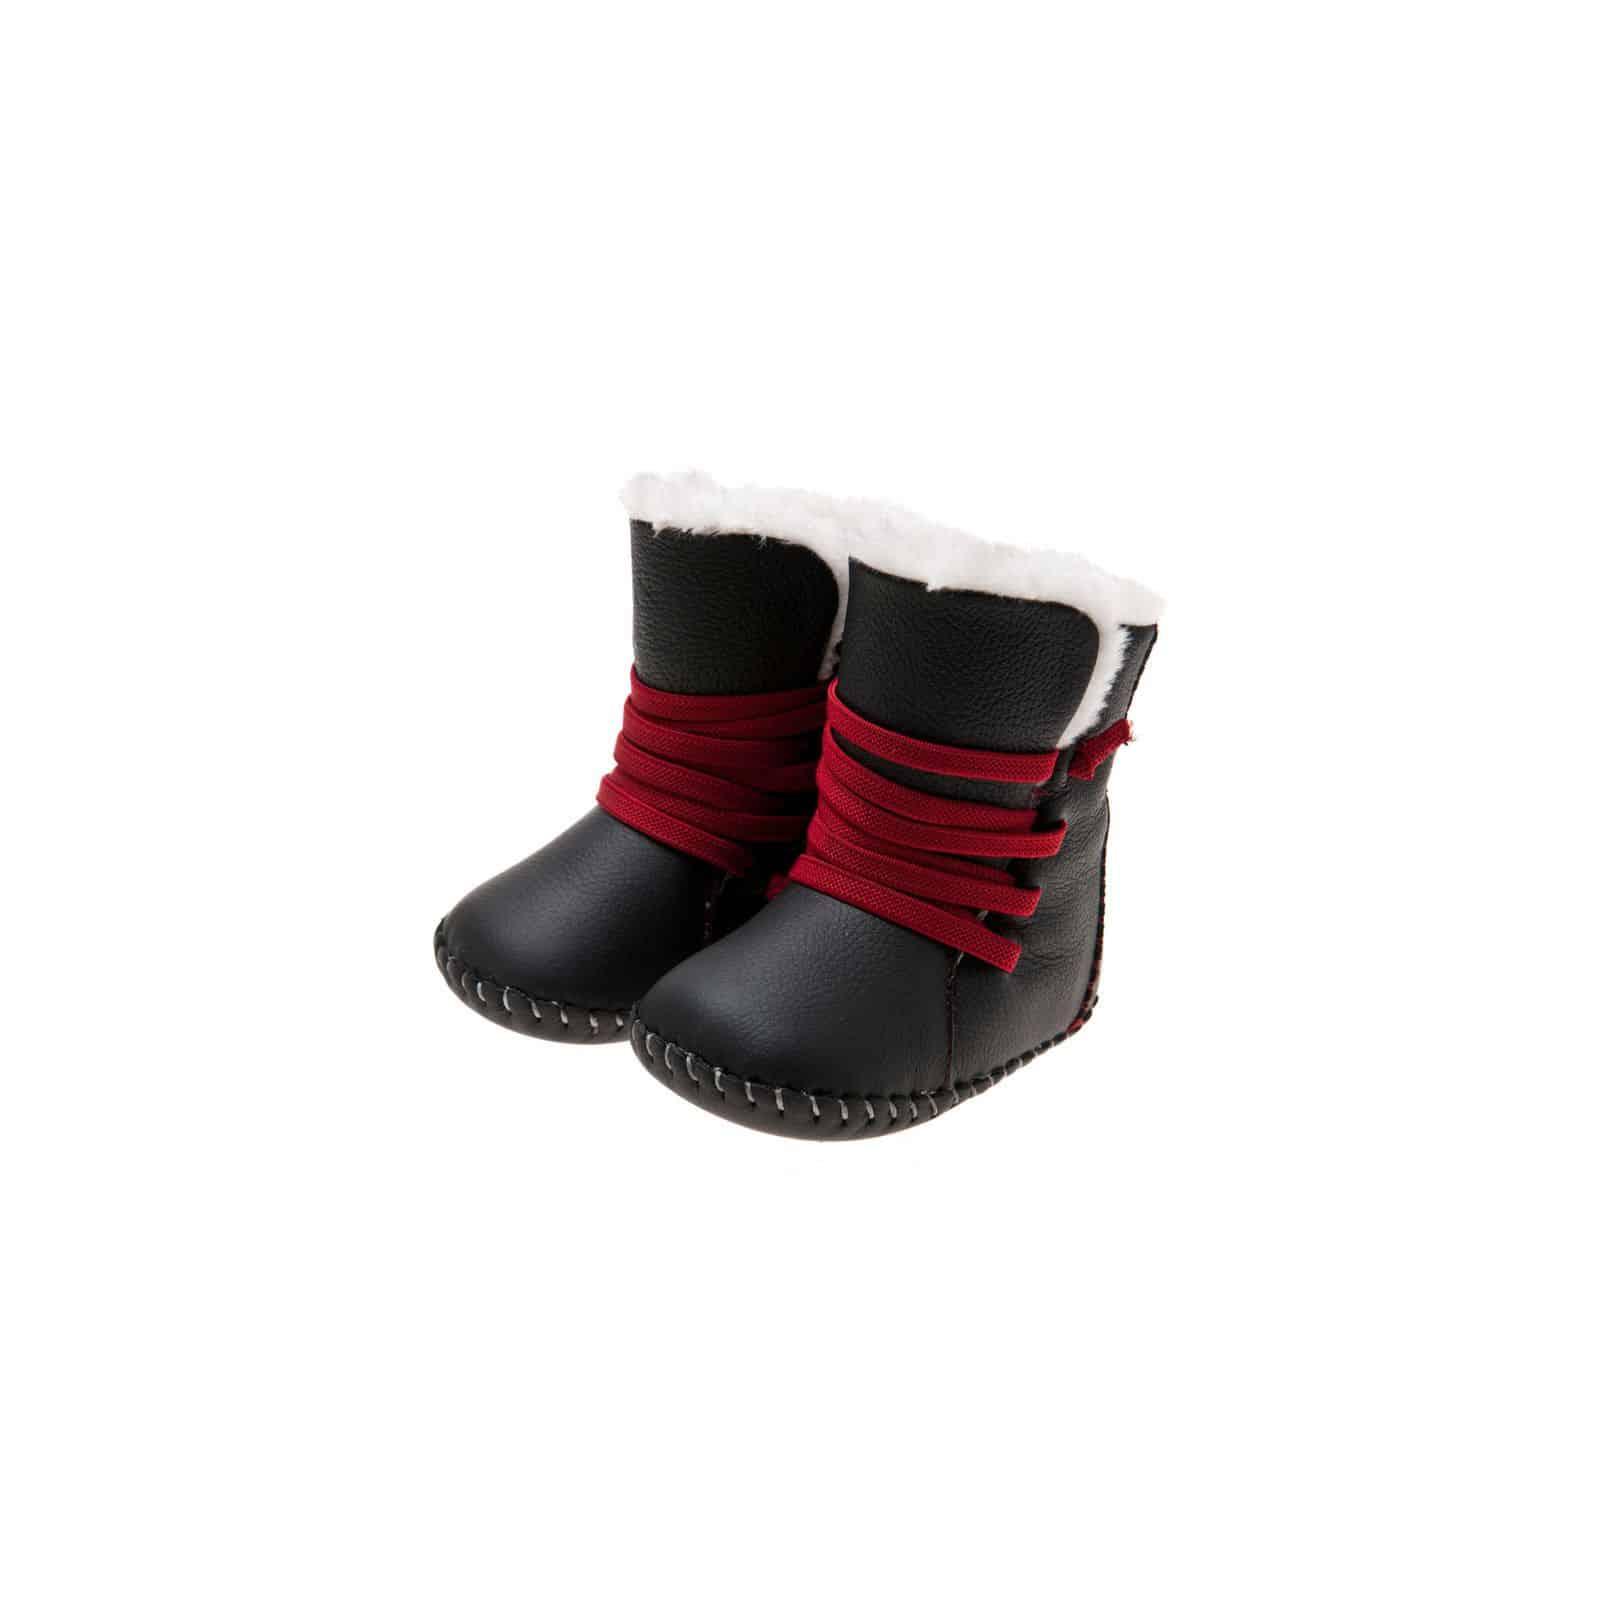 c2bb chaussons de b b en cuir souple chaussures. Black Bedroom Furniture Sets. Home Design Ideas